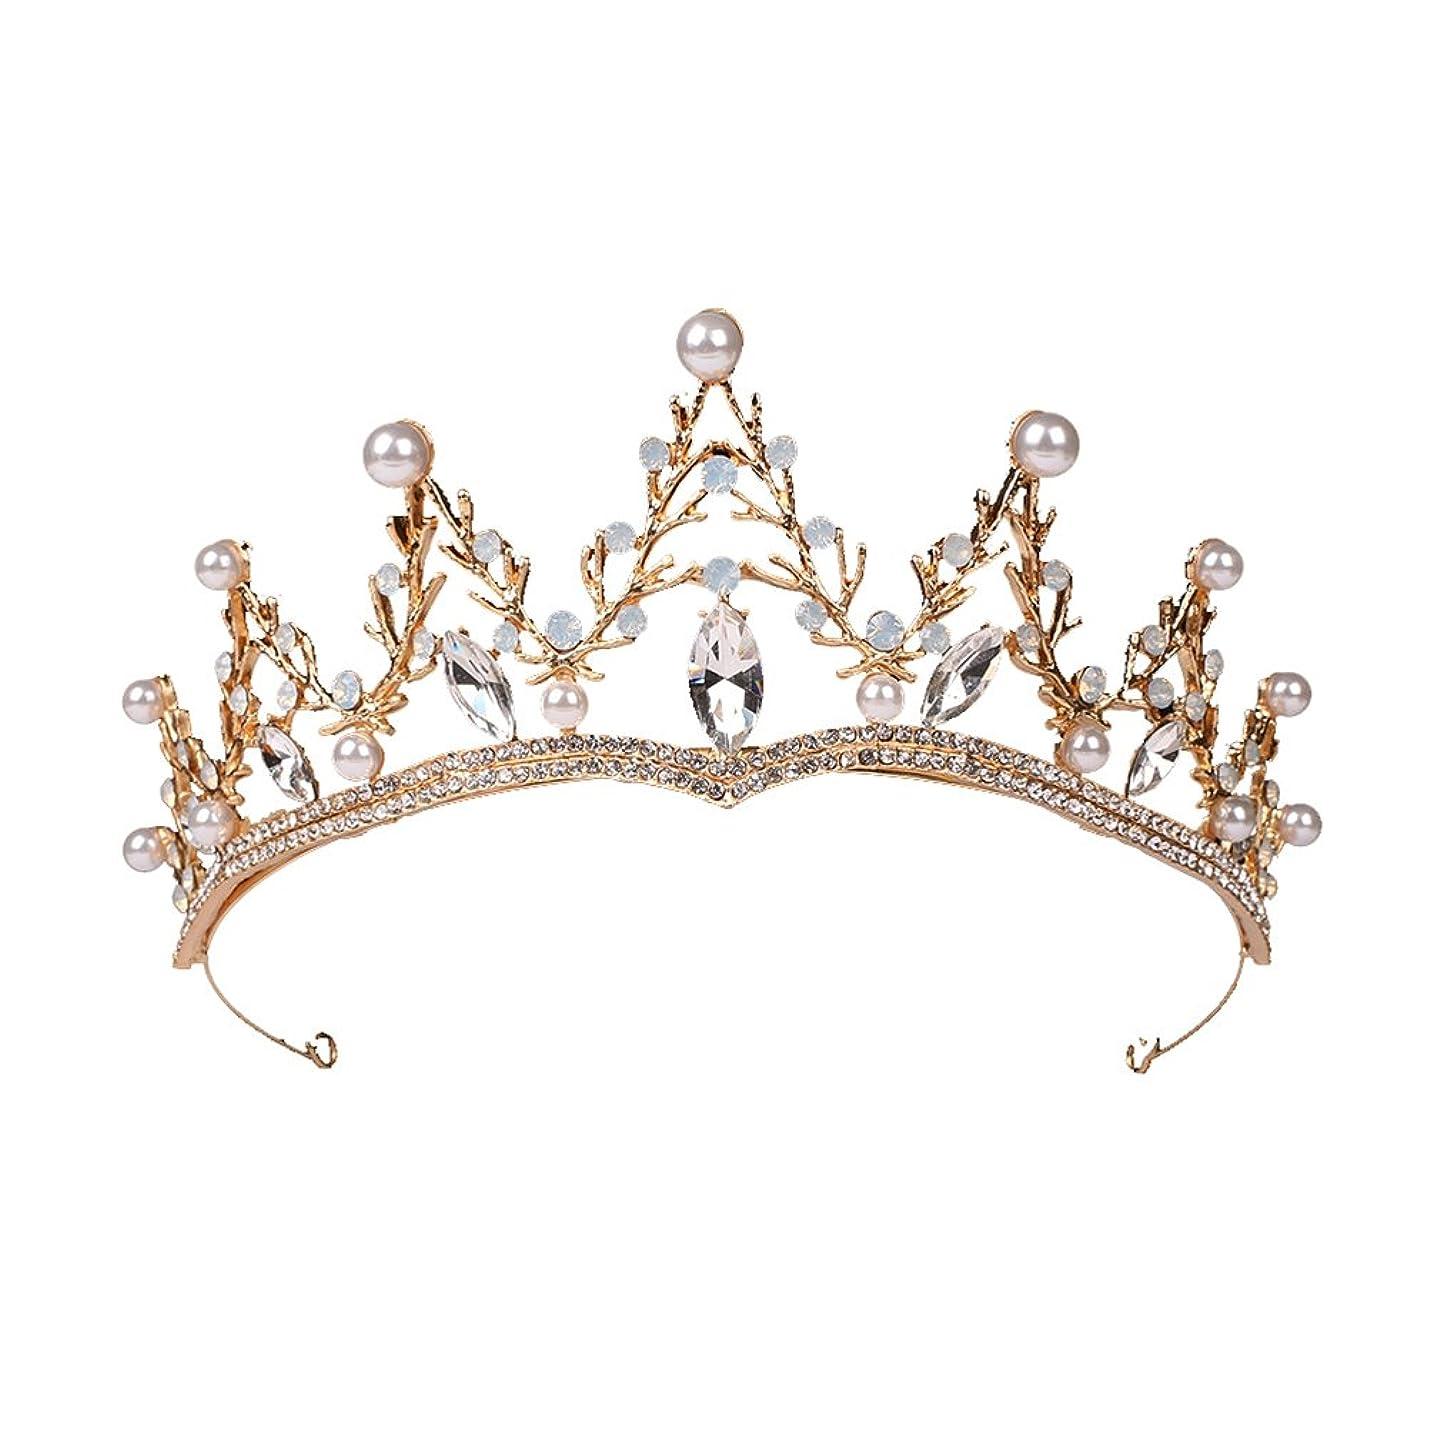 十億パリティクッションLUOEM ブライダル ティアラ ヘアバンド 花嫁 結婚式 ウェディング 王冠 クラウン クリスタル 髪飾り ヘアアクセサリー(ゴールド)